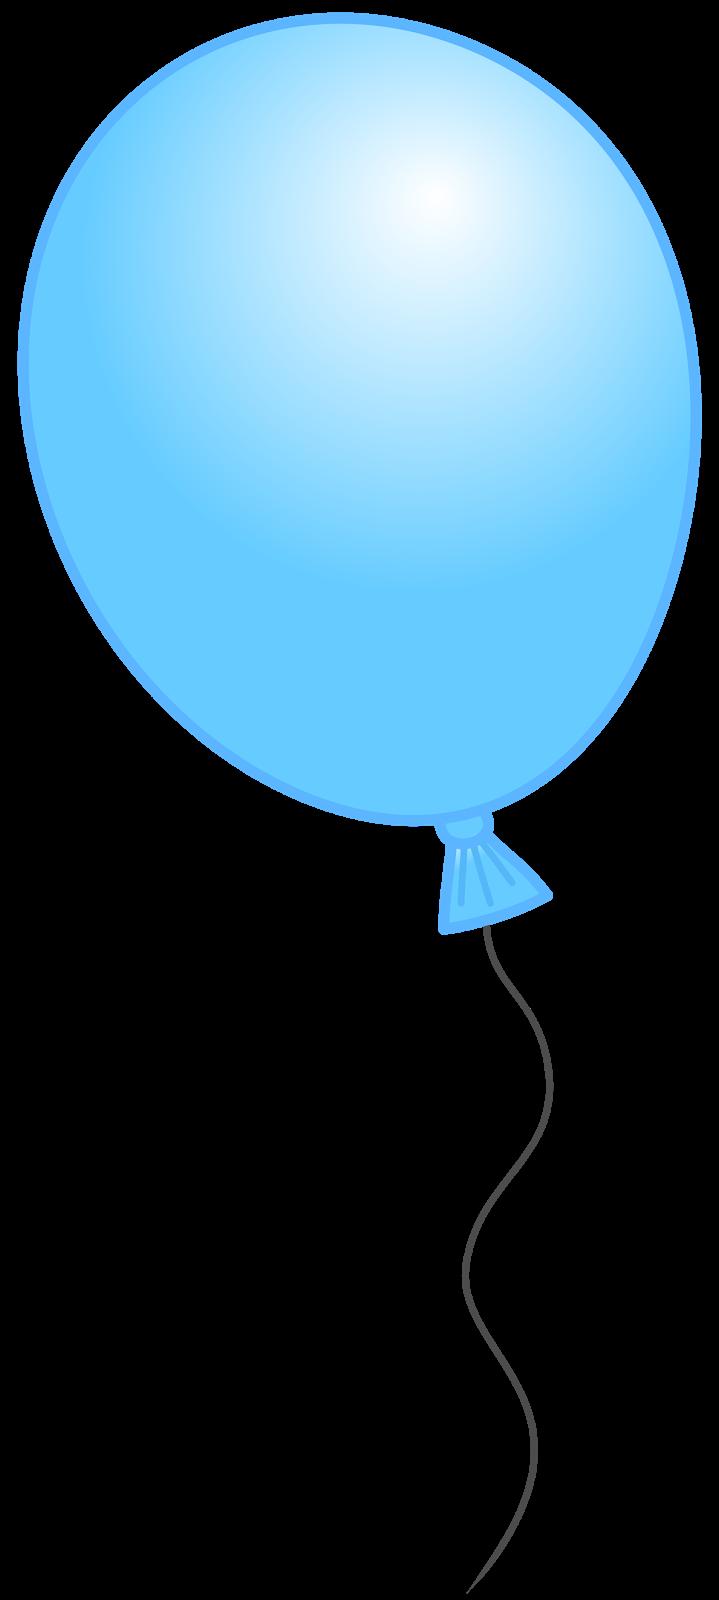 Blue Balloon Clipart - Clipart Kid